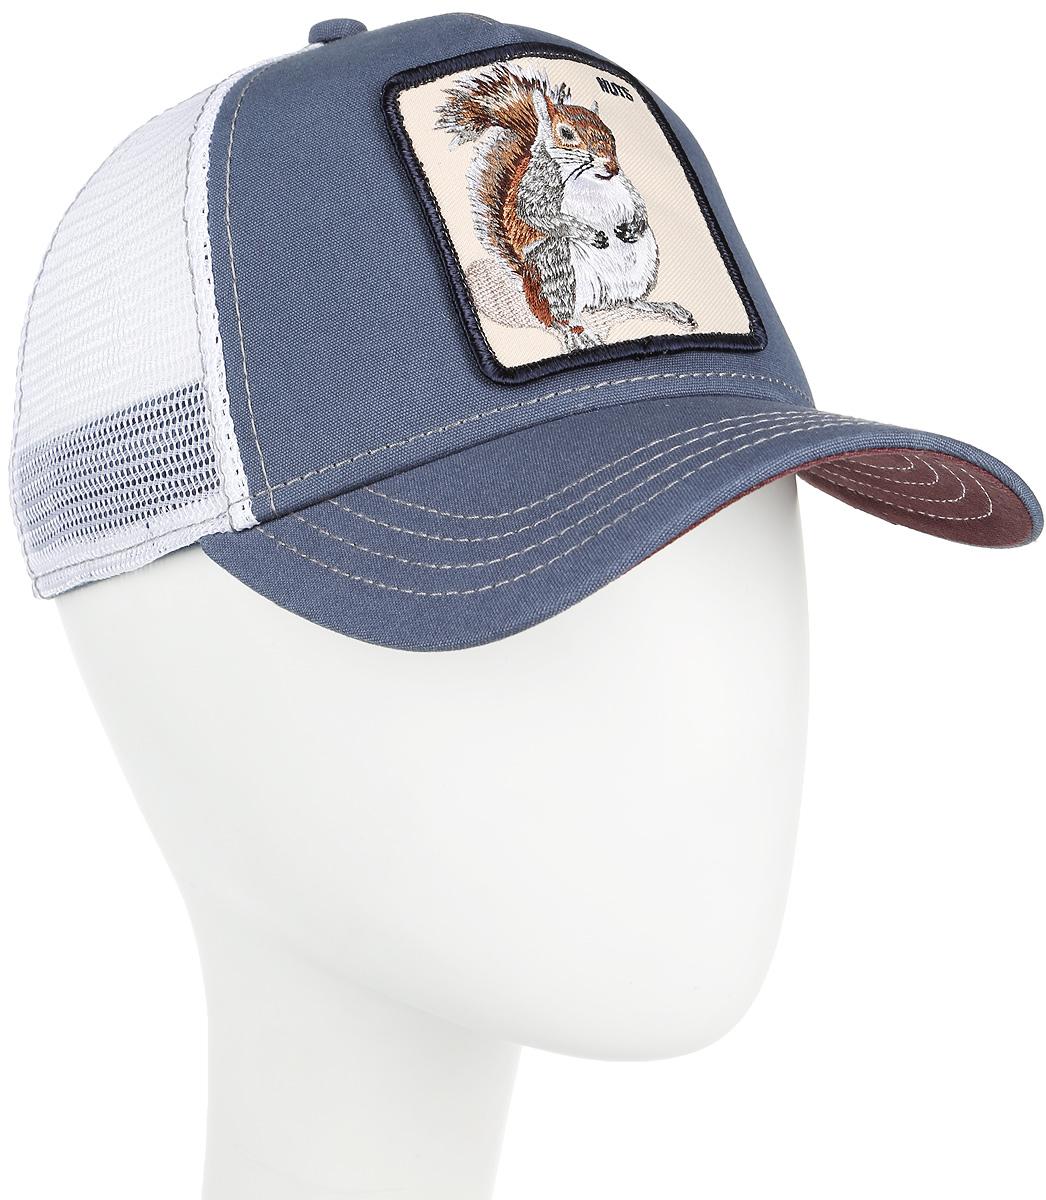 Бейсболка Goorin Brothers Nutty, цвет: синий, белый. 90-944-19-00. Размер универсальный90-944-19-00Стильная бейсболка Goorin Brothers, выполненная из полиэстера и хлопка, идеально подойдет для прогулок, занятия спортом и отдыха. Она надежно защитит вас от солнца и ветра. Задняя часть имеет сетчатую вставку для вентиляции воздуха. Изделие оформлено нашивкой с изображением белки и надписью Nuts. Обхват регулируется с помощью пластикового ремешка.